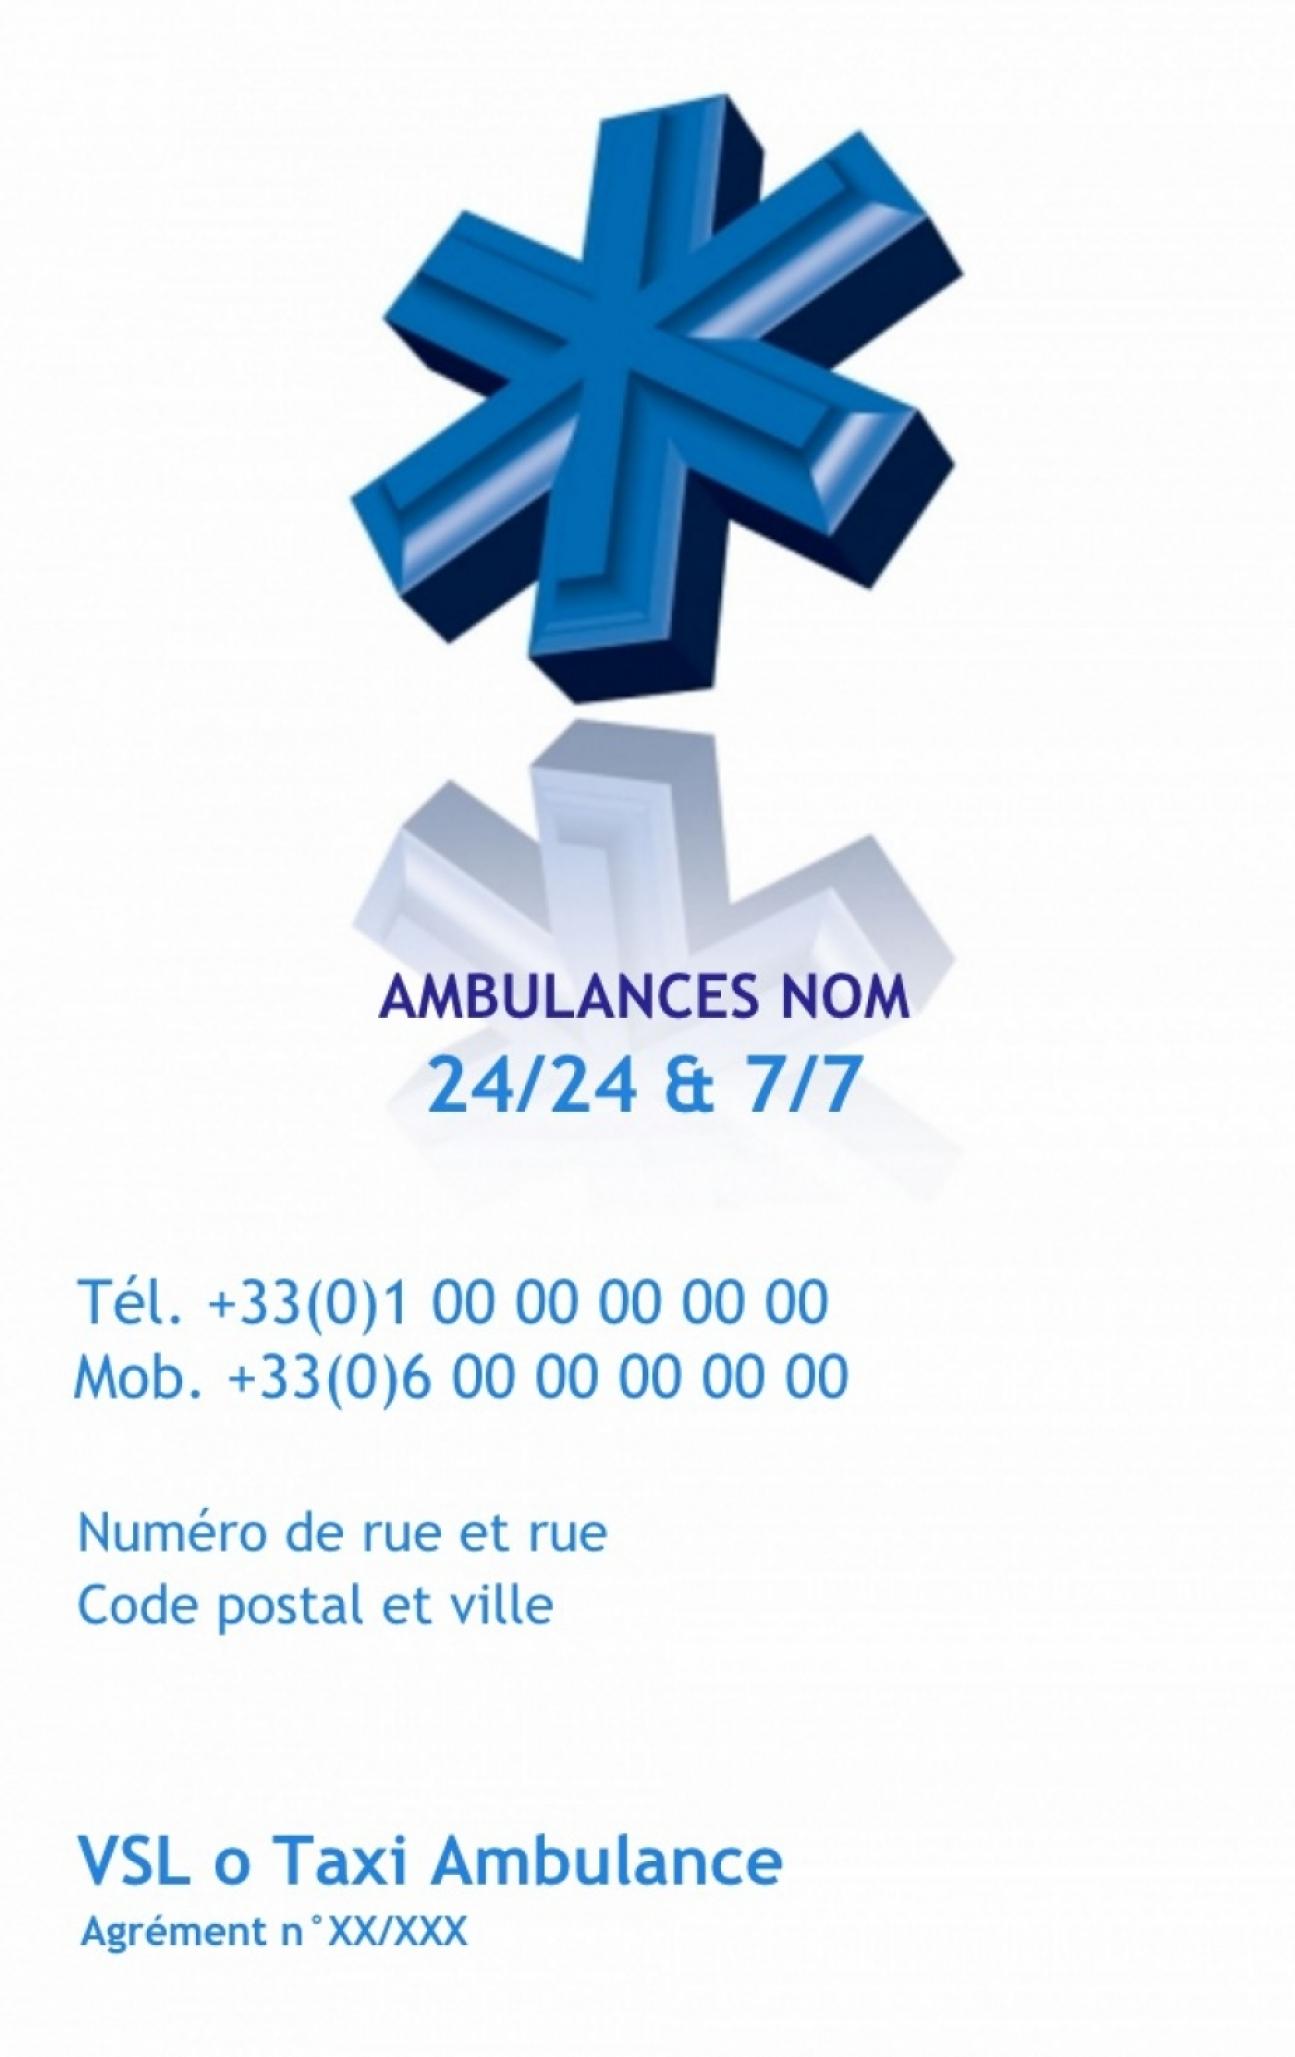 Ambulancier Carte De Visite Ambulance Professionnel Sant Exemple Pas Cher Avec Modle En Ligne Gratuit Imprimer Chez Soi